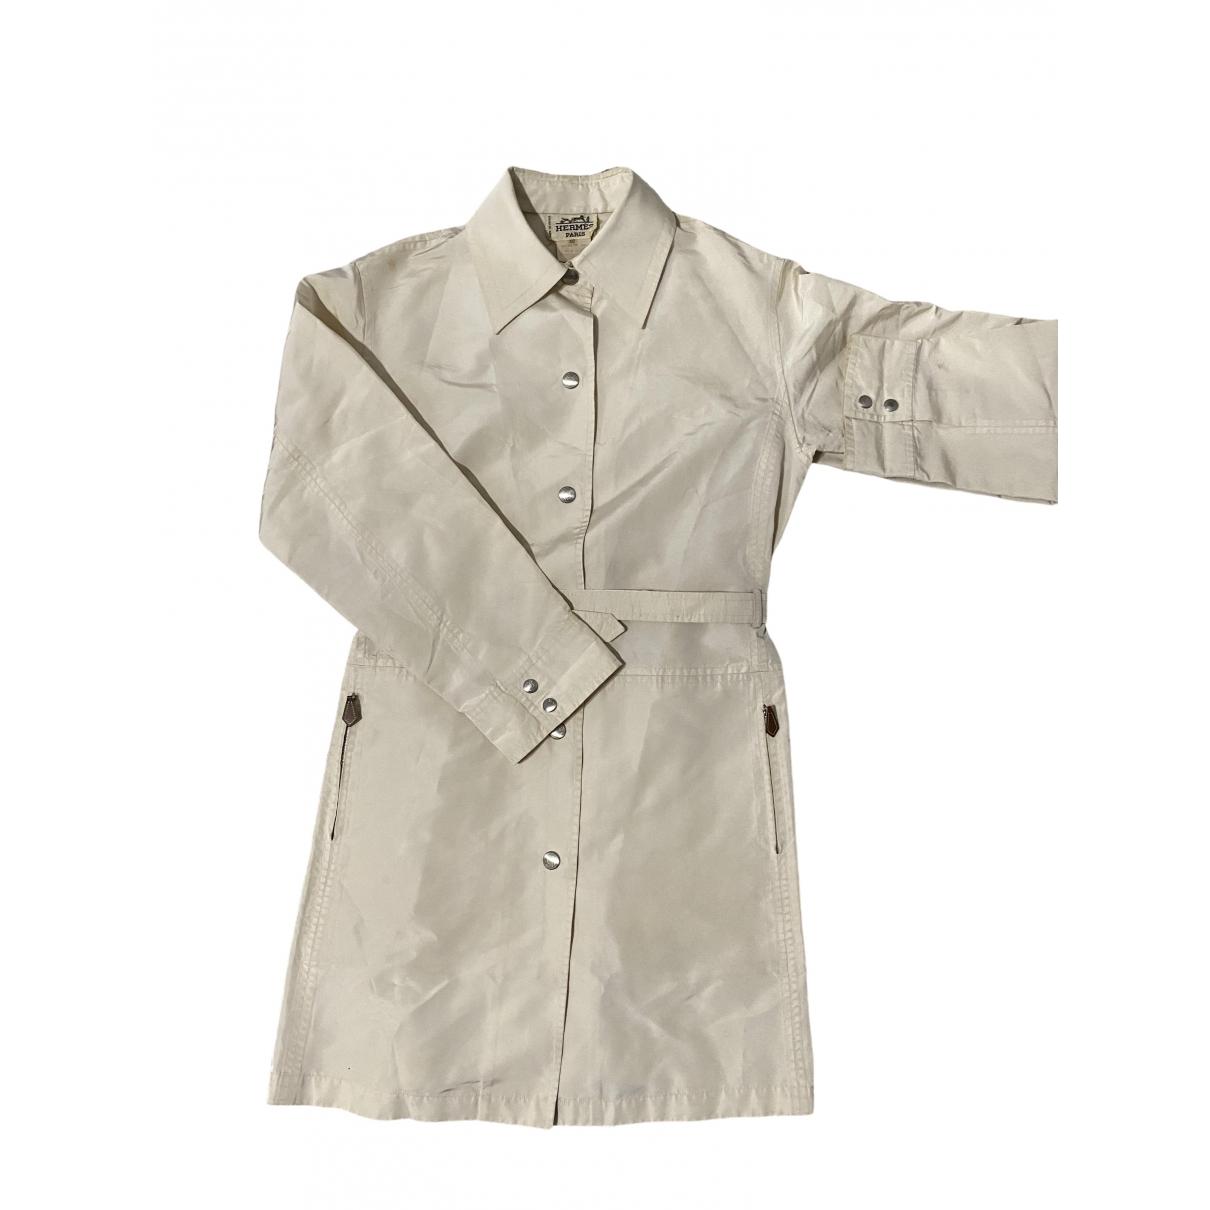 Hermes - Manteau   pour femme en soie - beige